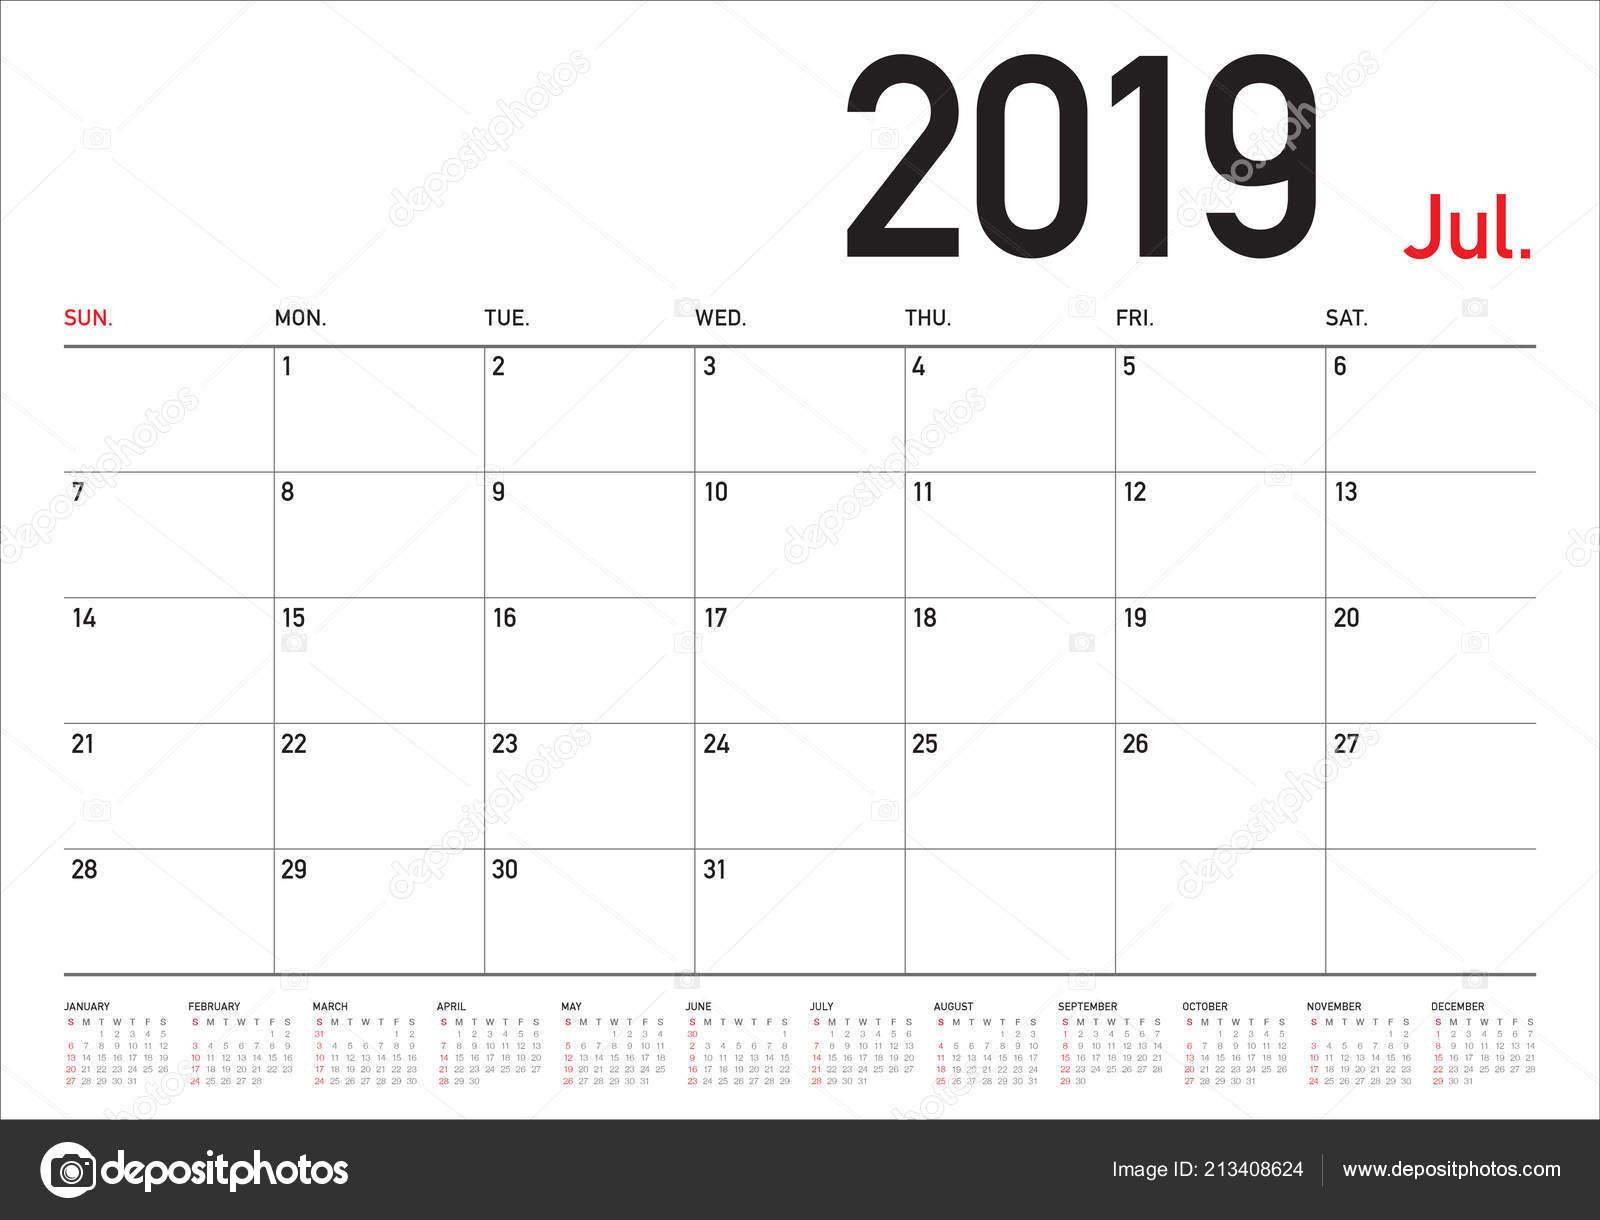 Calendario 31 Luglio 2019.Immagini Calendar Vector 2019 Illustrazione Vettoriale